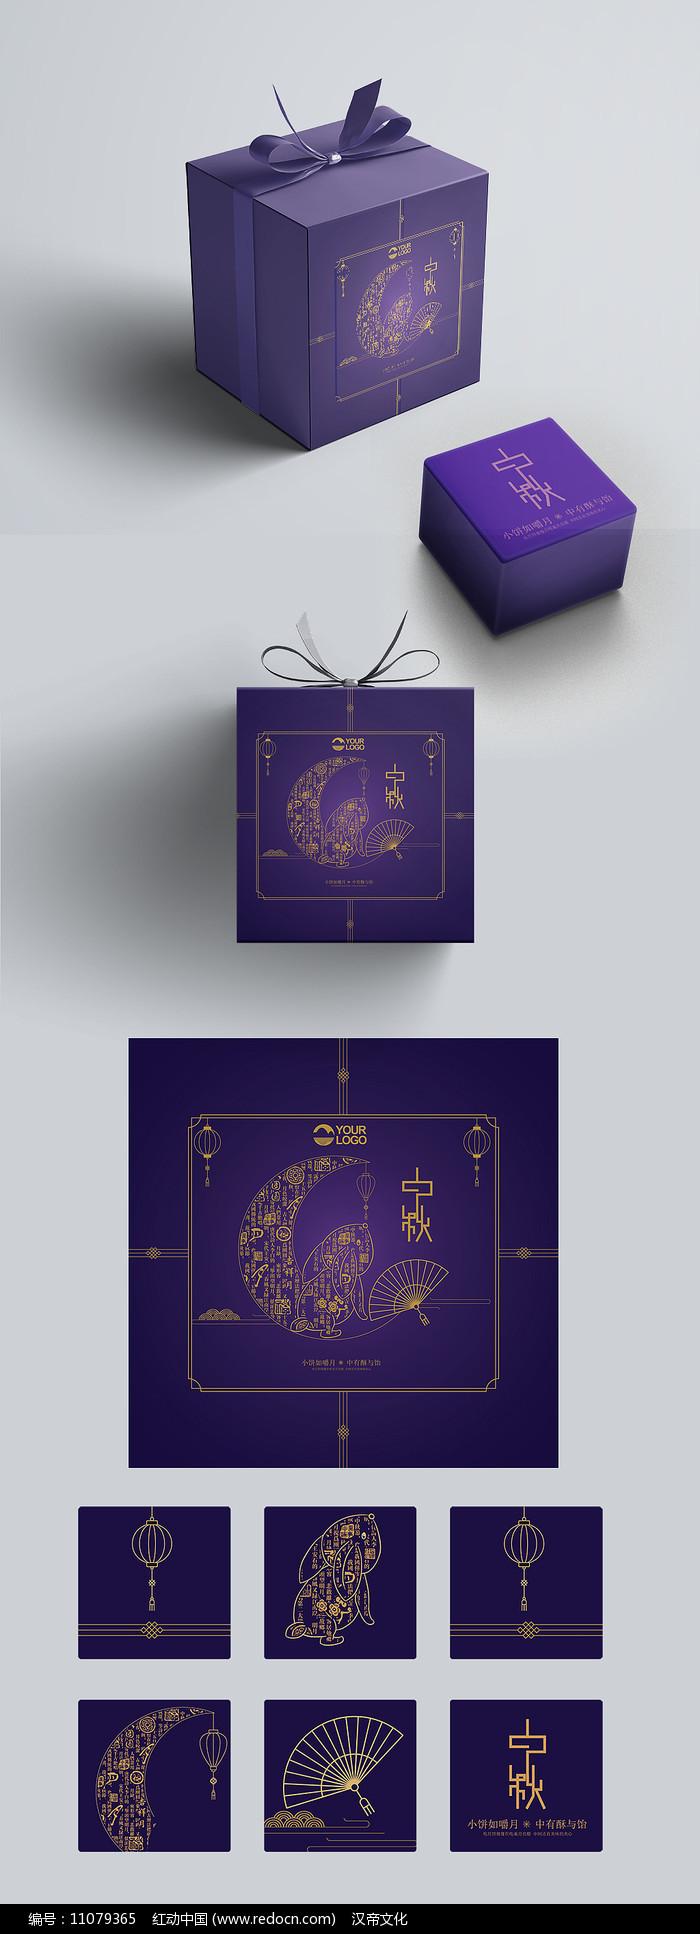 简约素雅中秋月饼包装礼盒设计图片